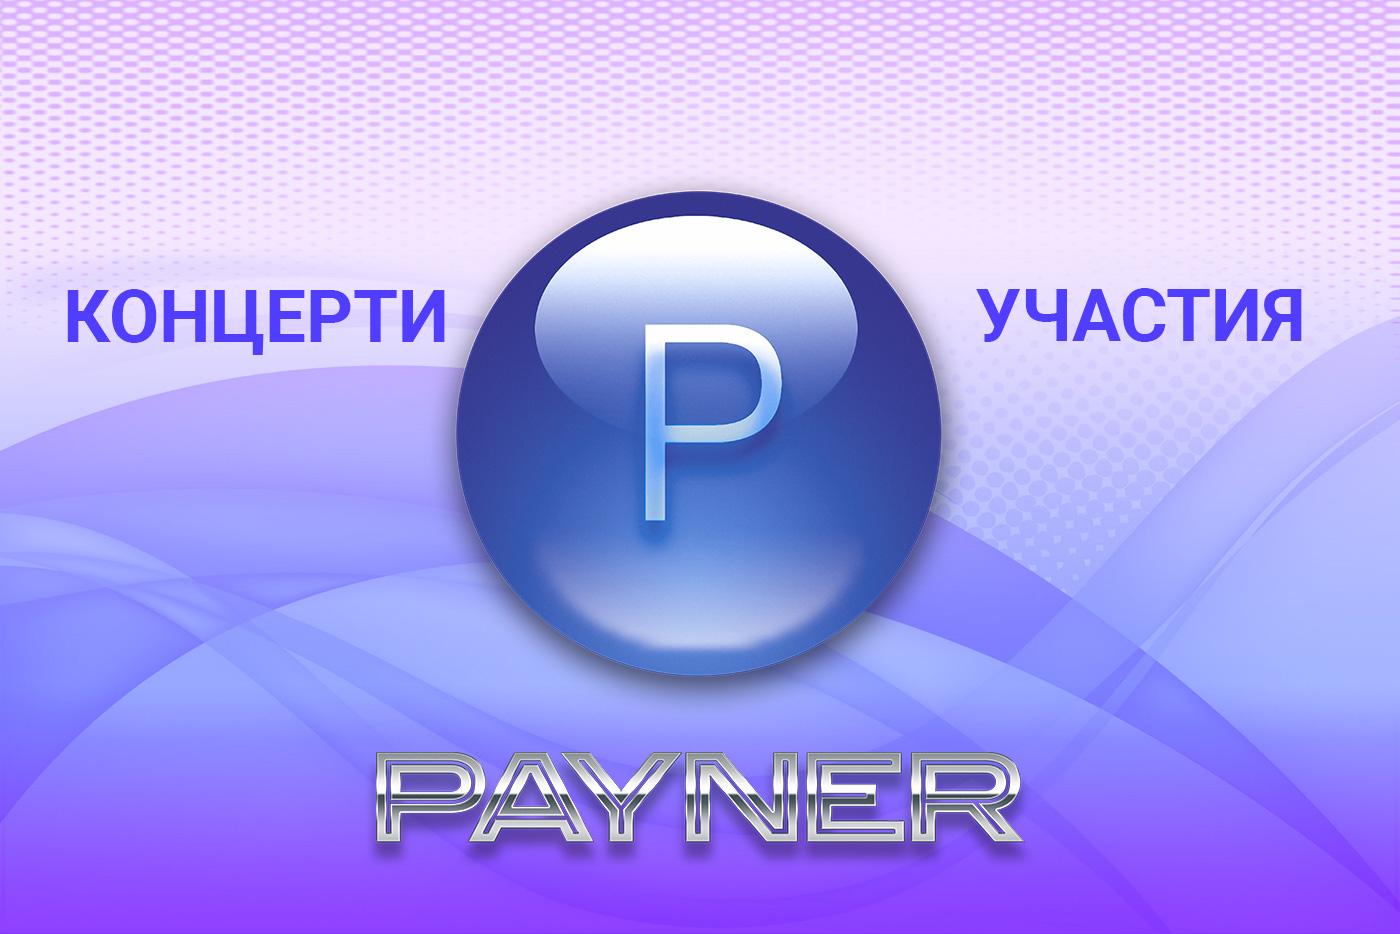 """Участия на звездите на """"Пайнер"""" на 18.12.2019"""